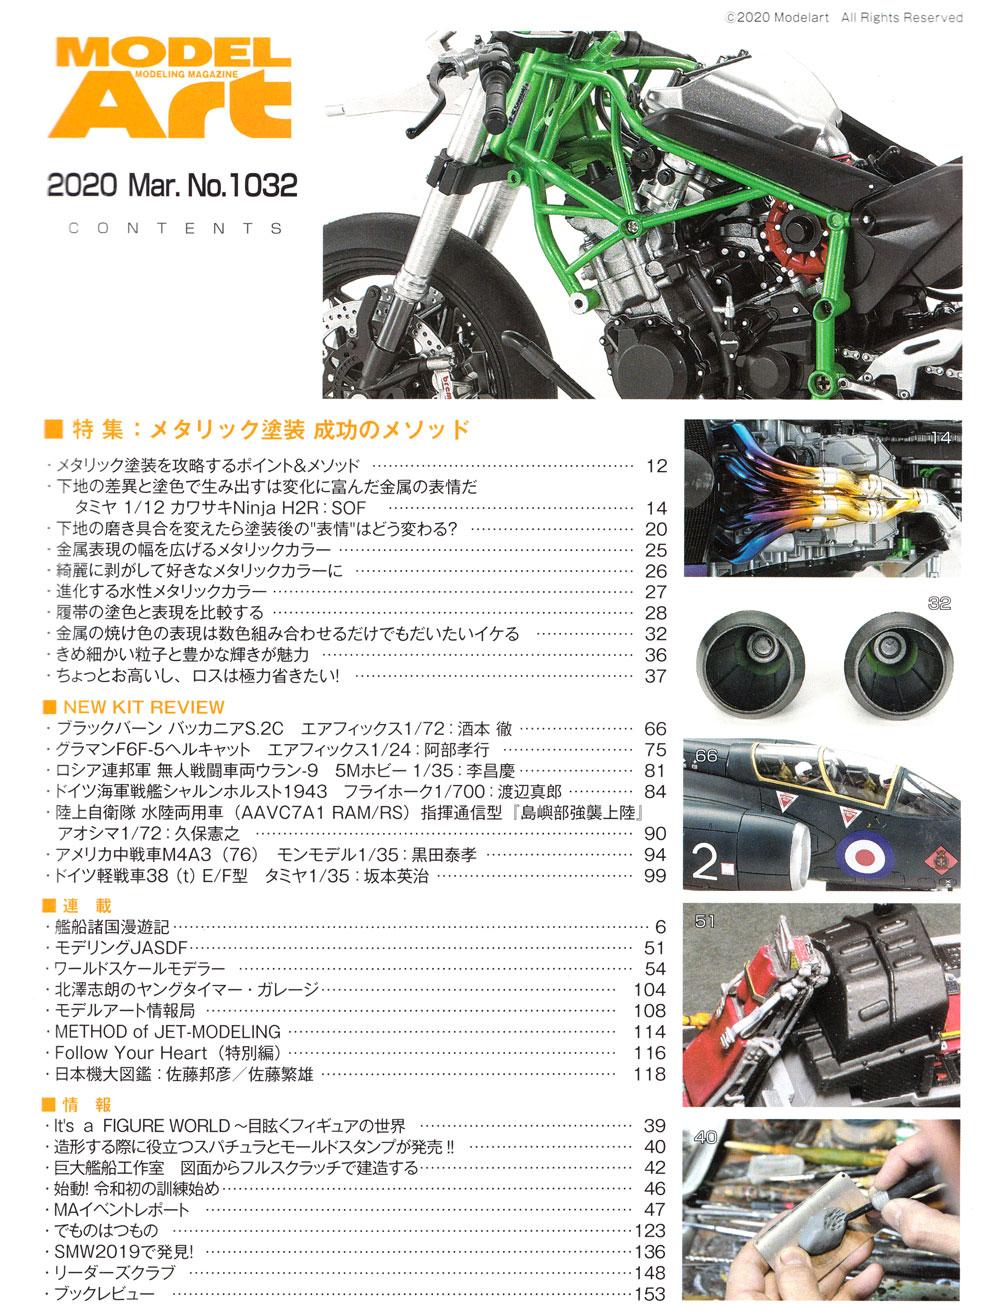 モデルアート 2020年3月号雑誌(モデルアート月刊 モデルアートNo.1032)商品画像_1